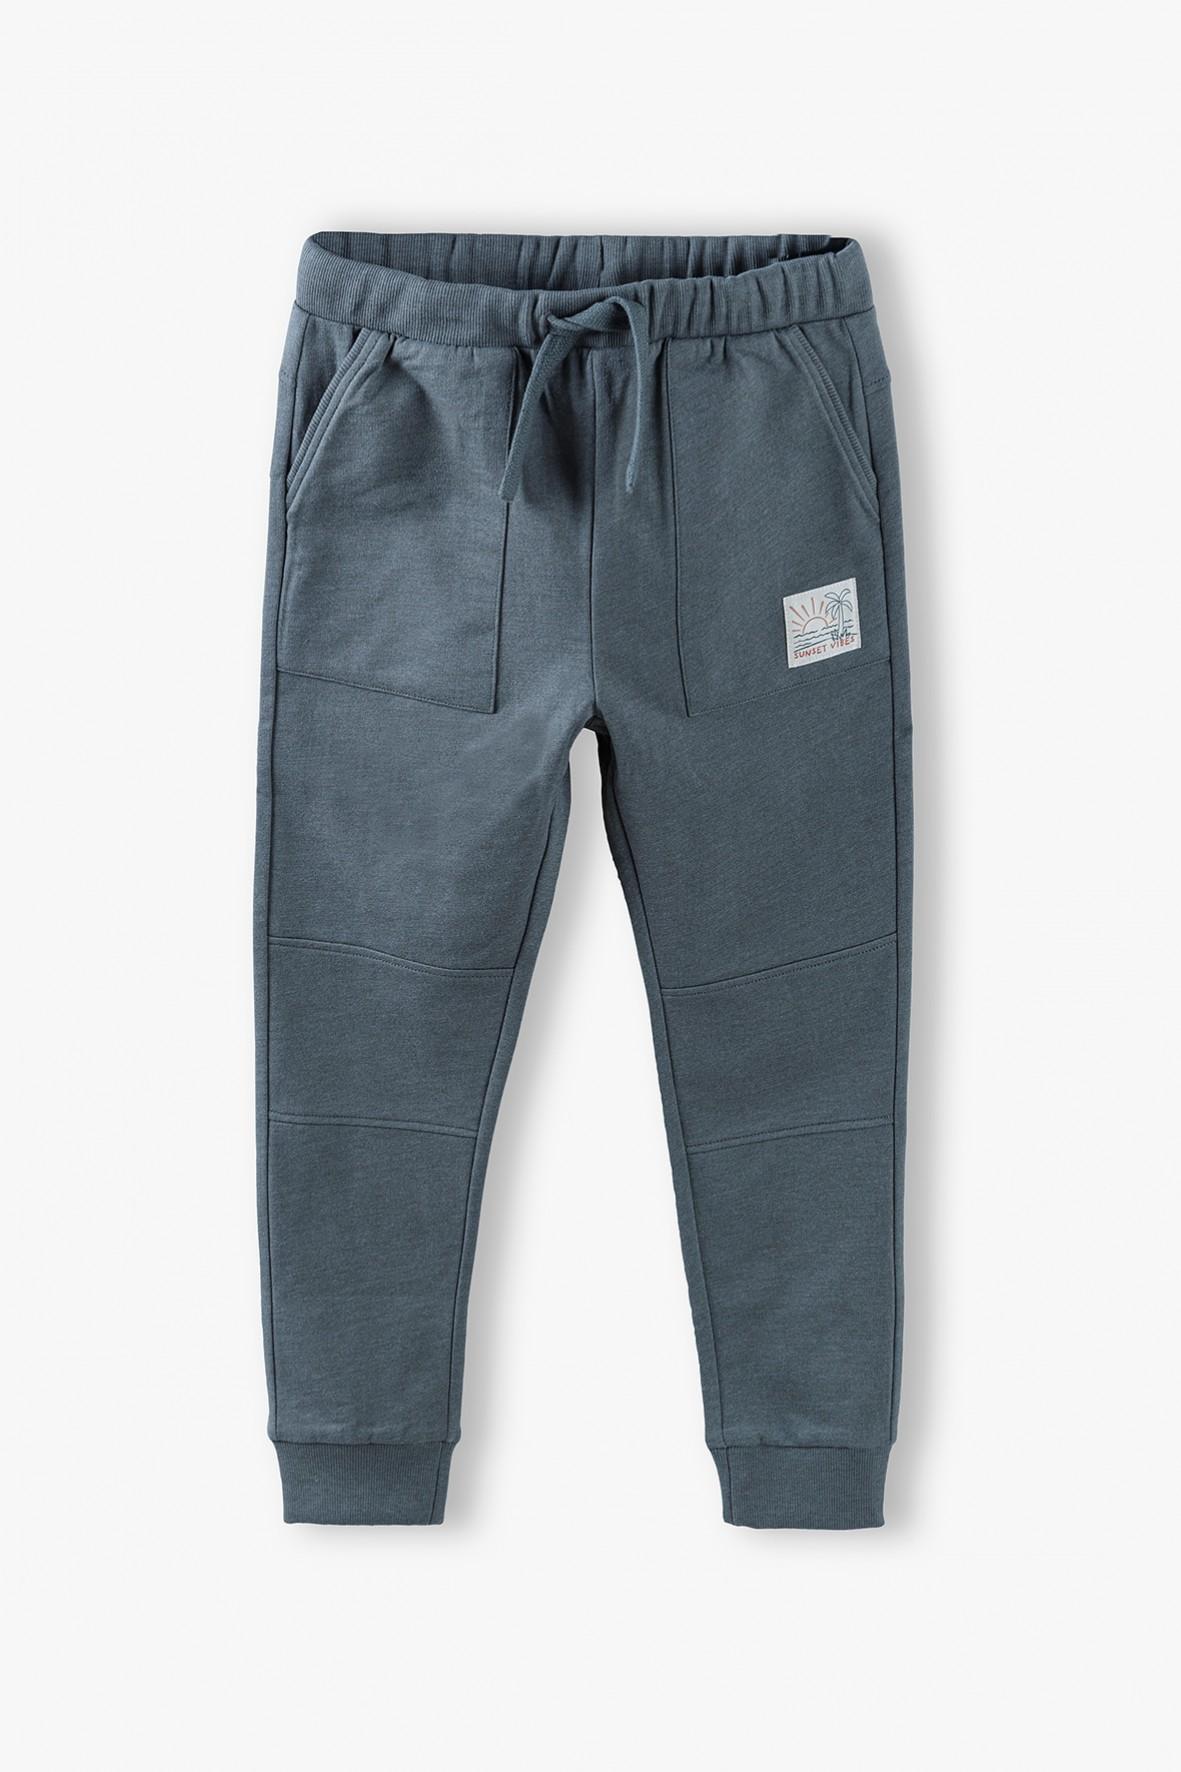 Spodnie dresowe chłopięce w kolorze ciemnozielonym